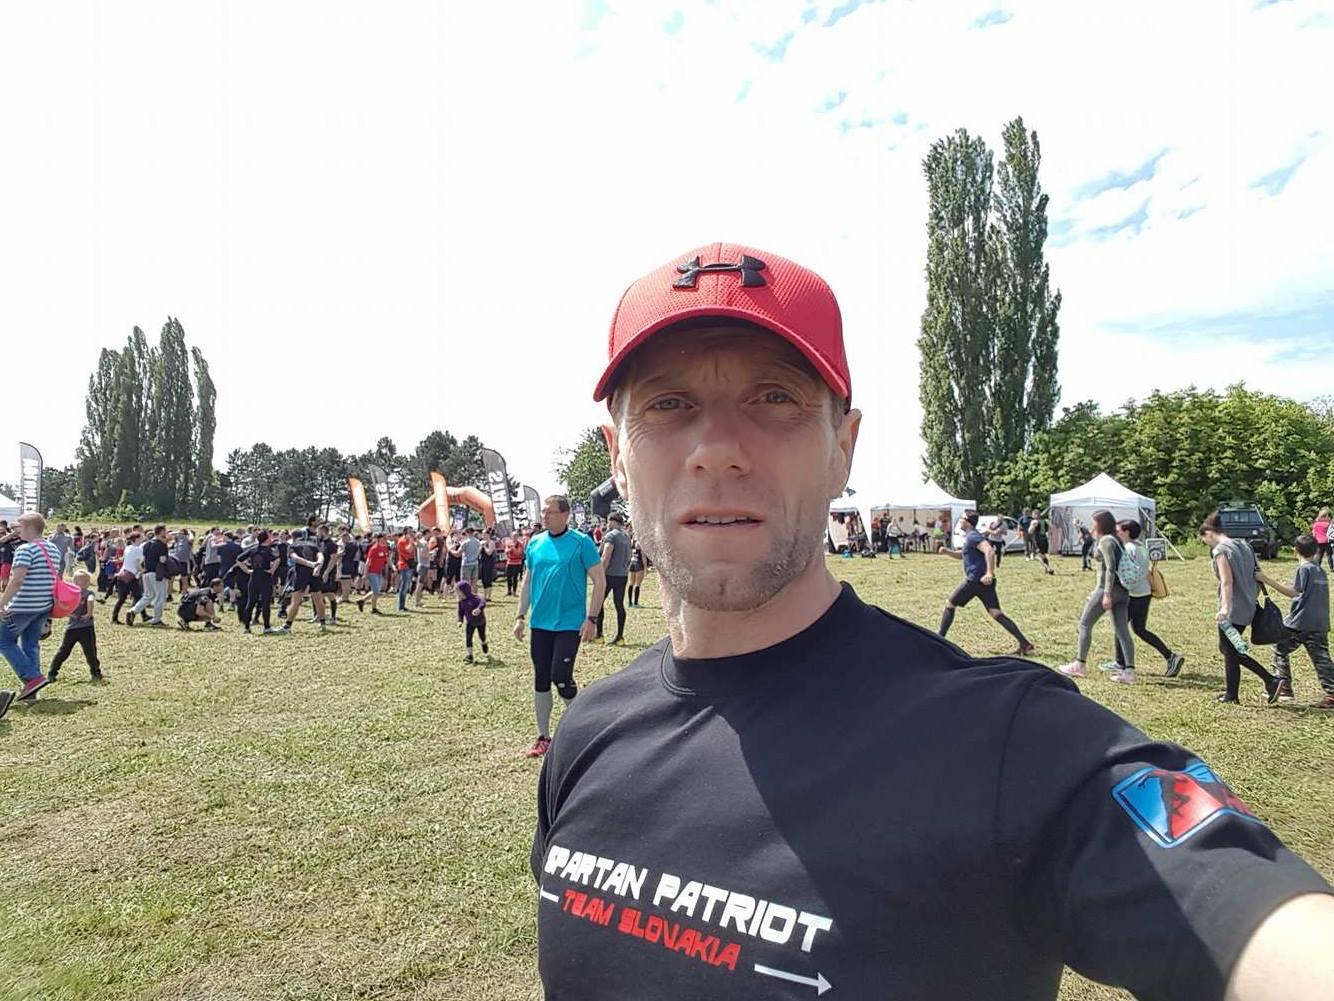 Spartan Patriot Team Slovakia 2017 Nitra